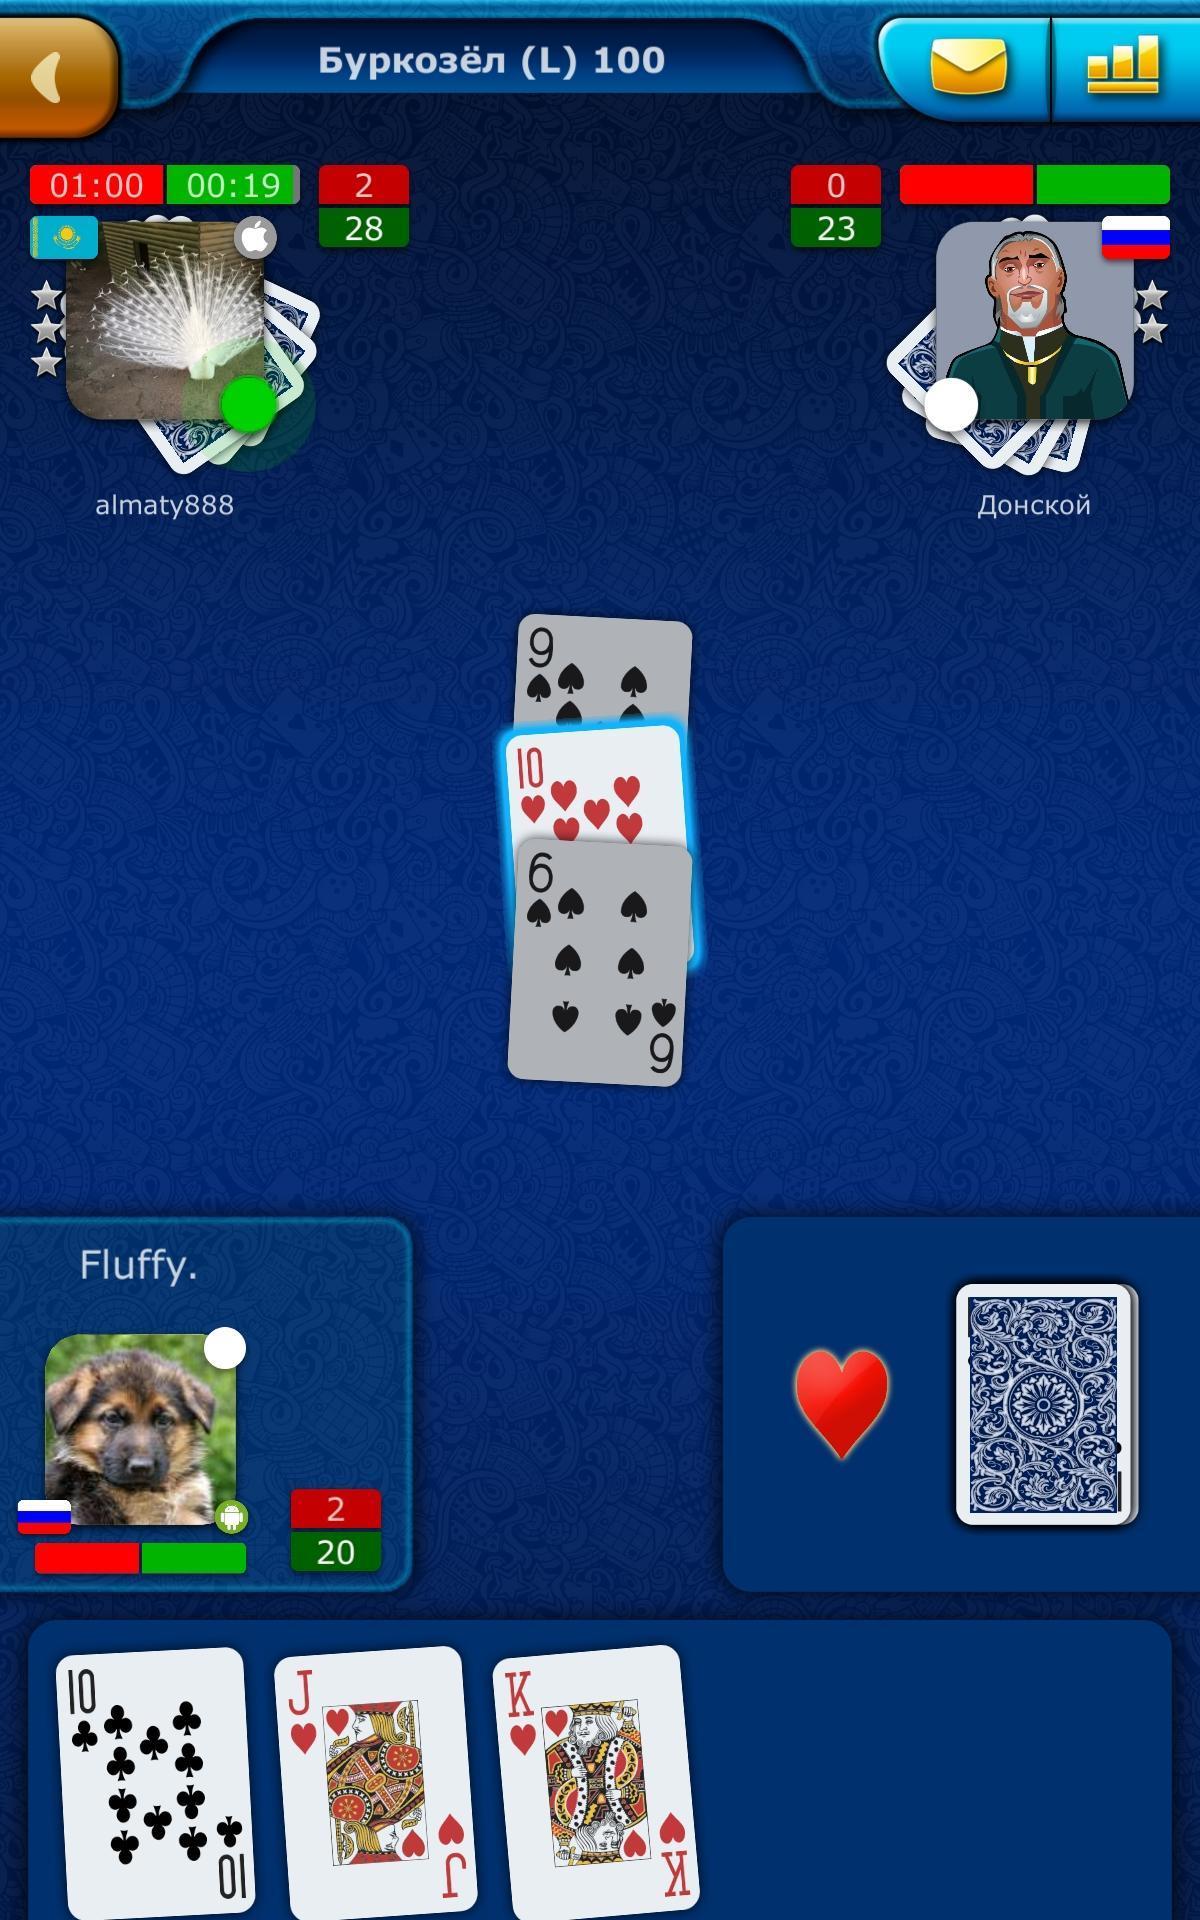 Играть в карты онлайн в буру играем на карте skyblock